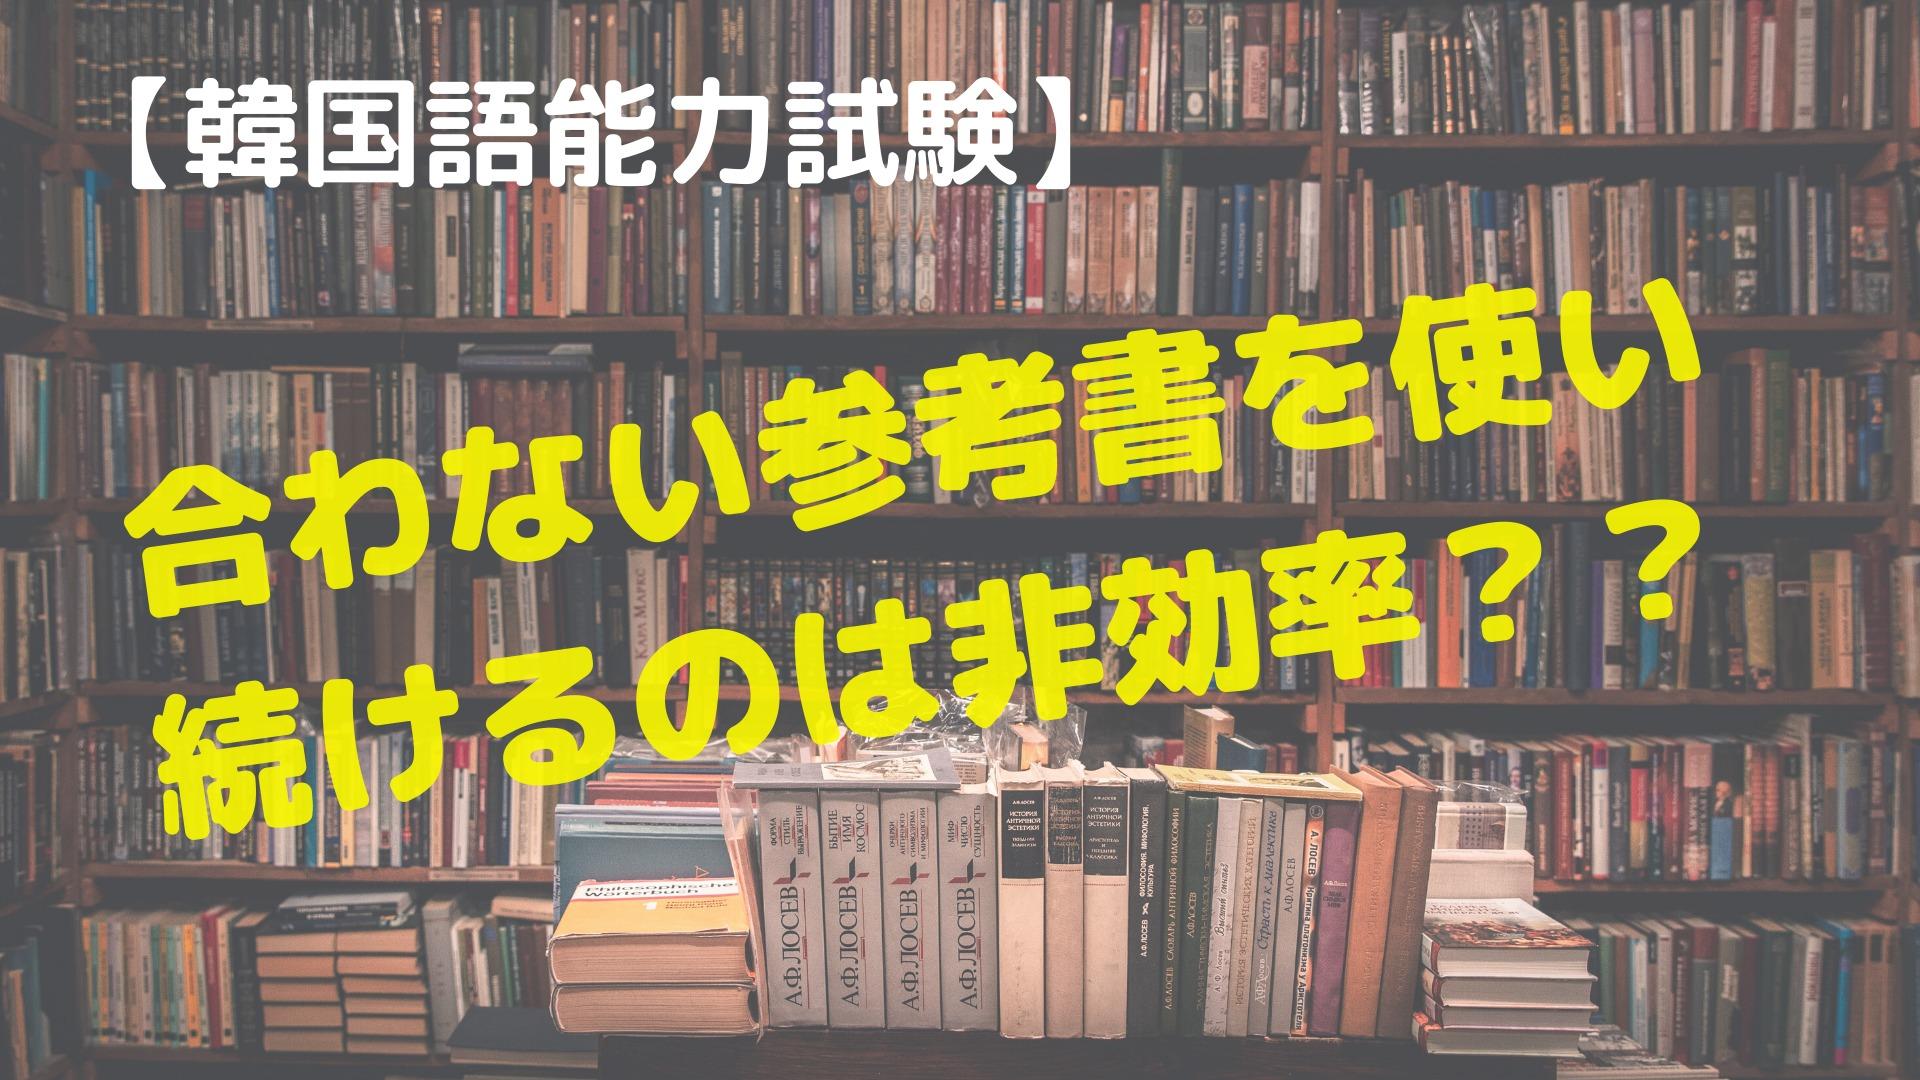 【韓国語能力試験】合わない参考書を無理して続ける必要はない【時間を無駄にしてませんか?】